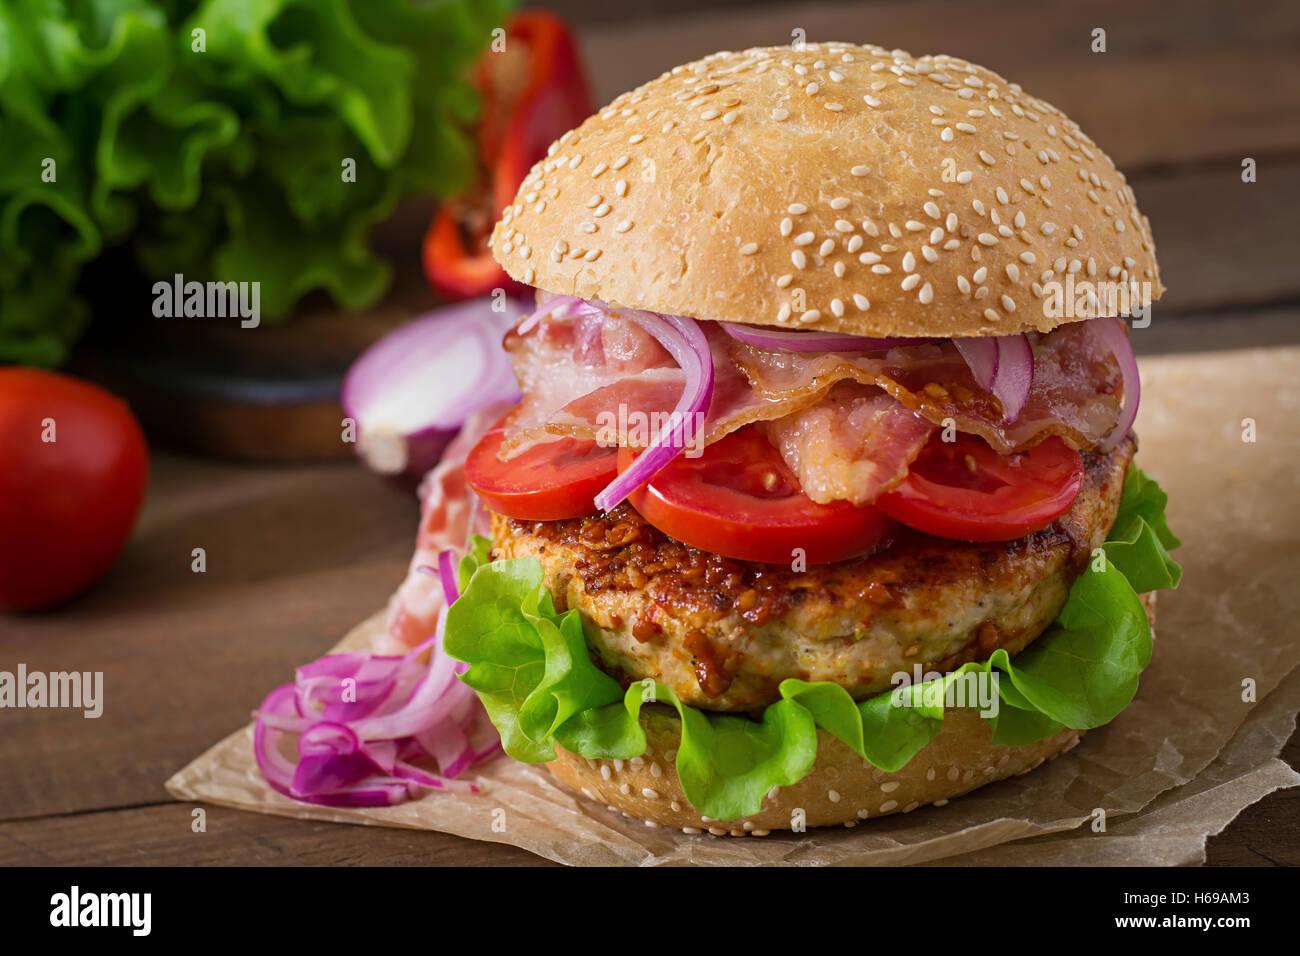 Grande panino - hamburger burger con carne di manzo, rosso cipolla, pomodoro e pancetta fritta. Immagini Stock